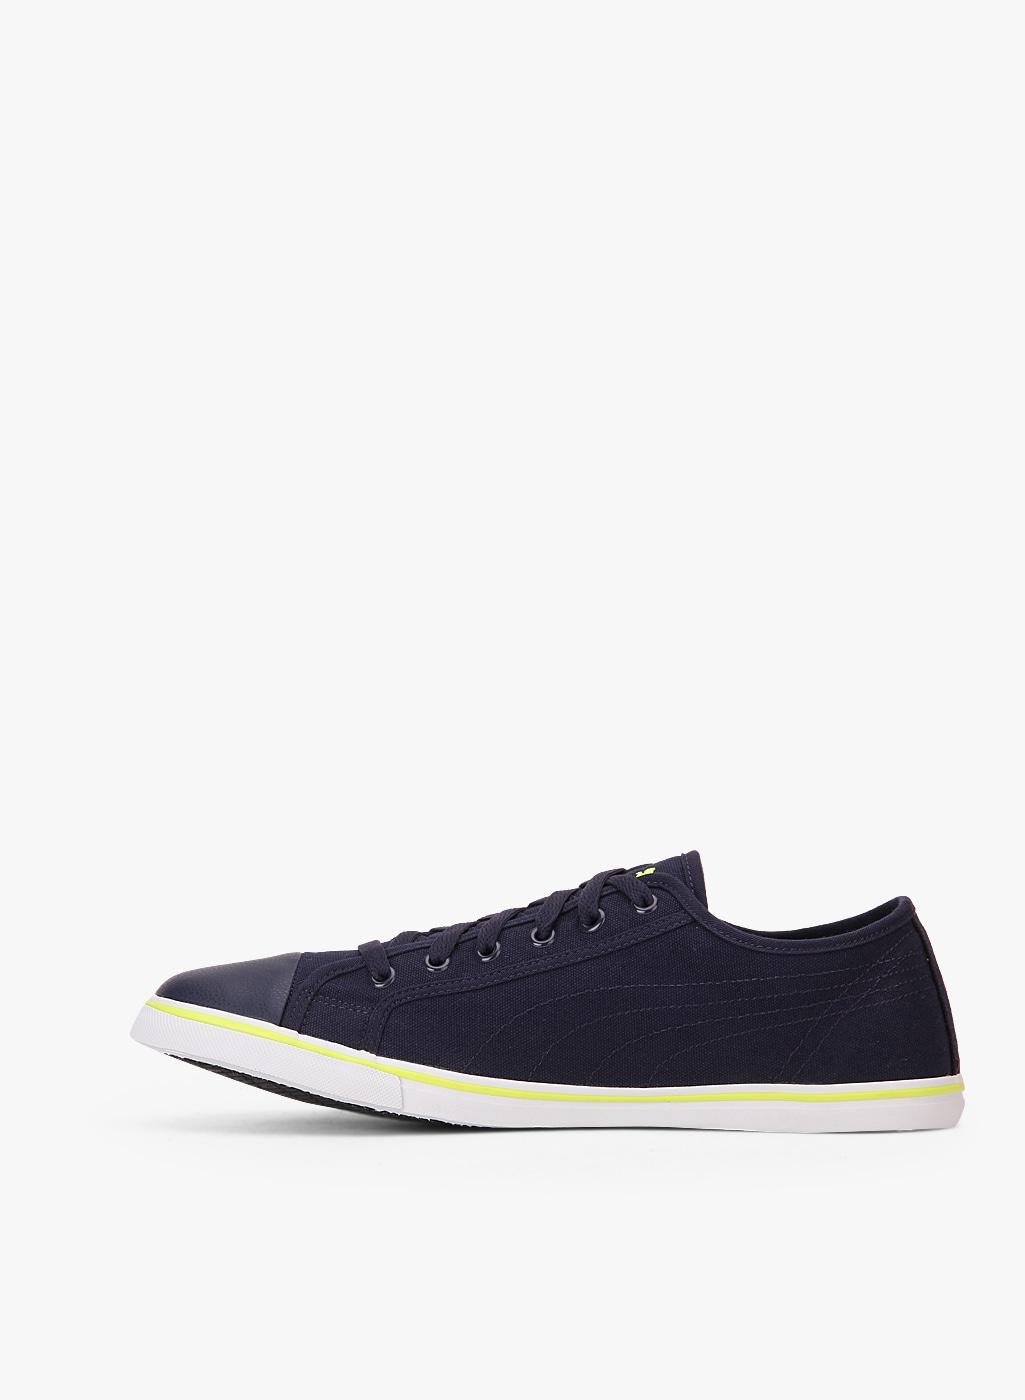 Streetballer Idp Navy Blue Sneakers